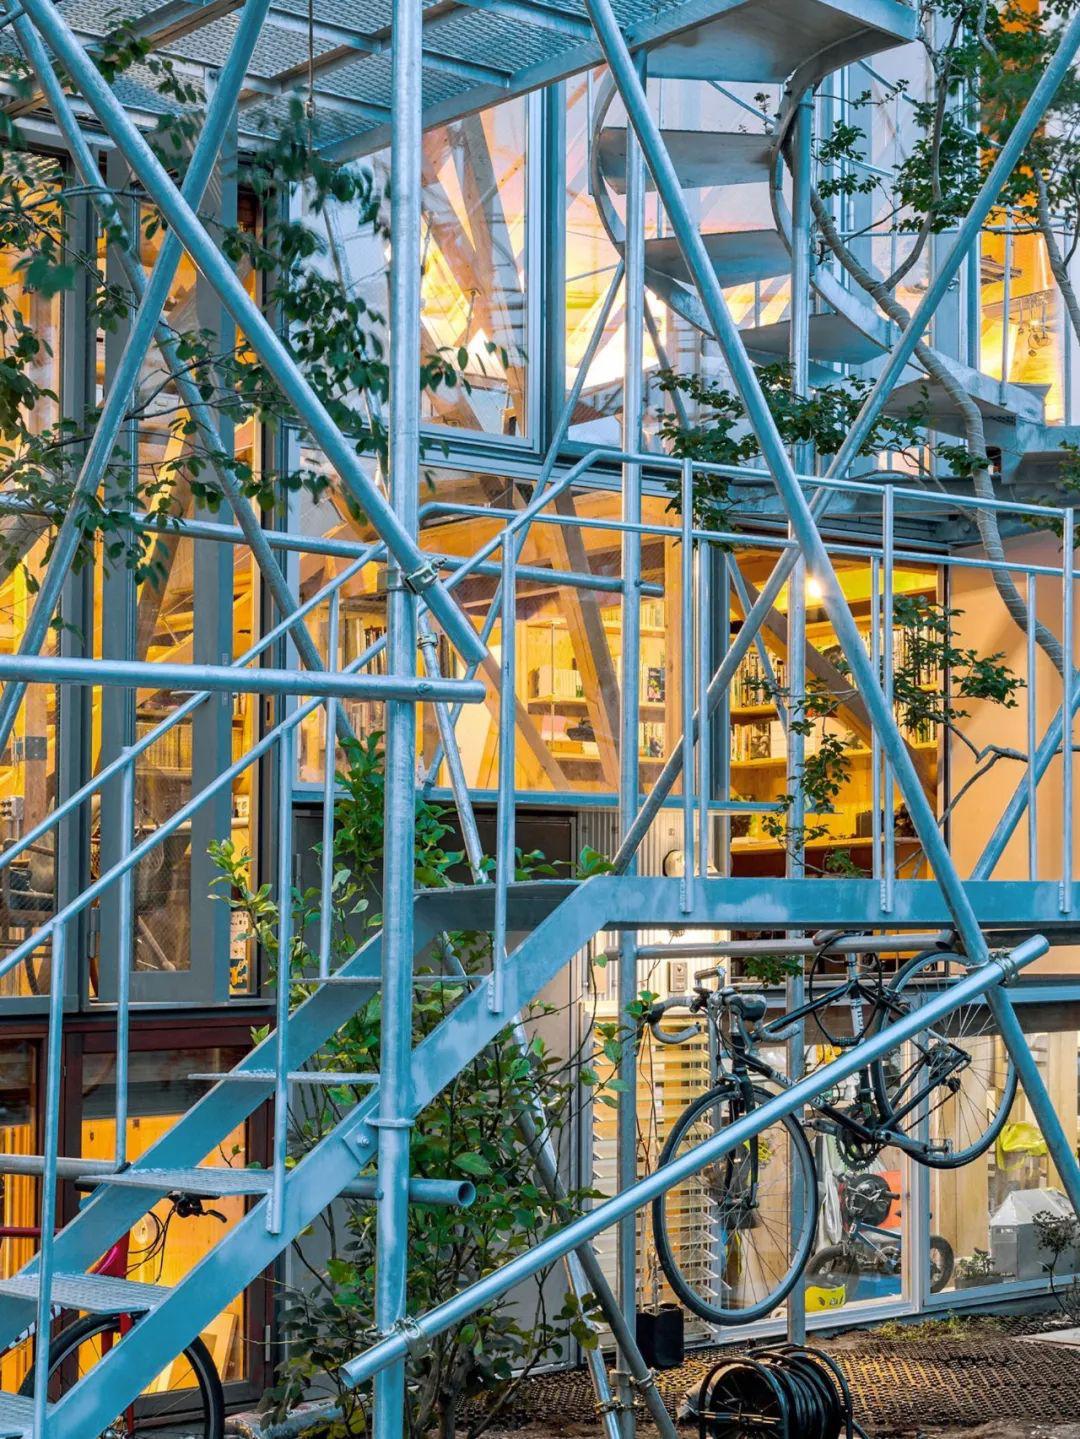 Mua mảnh đất ở khu nhà giàu, gia đình ba thế hệ thiết kế ngôi nhà đặc biệt chỉ toàn ánh sáng và cây xanh ở Nhật Bản - Ảnh 19.